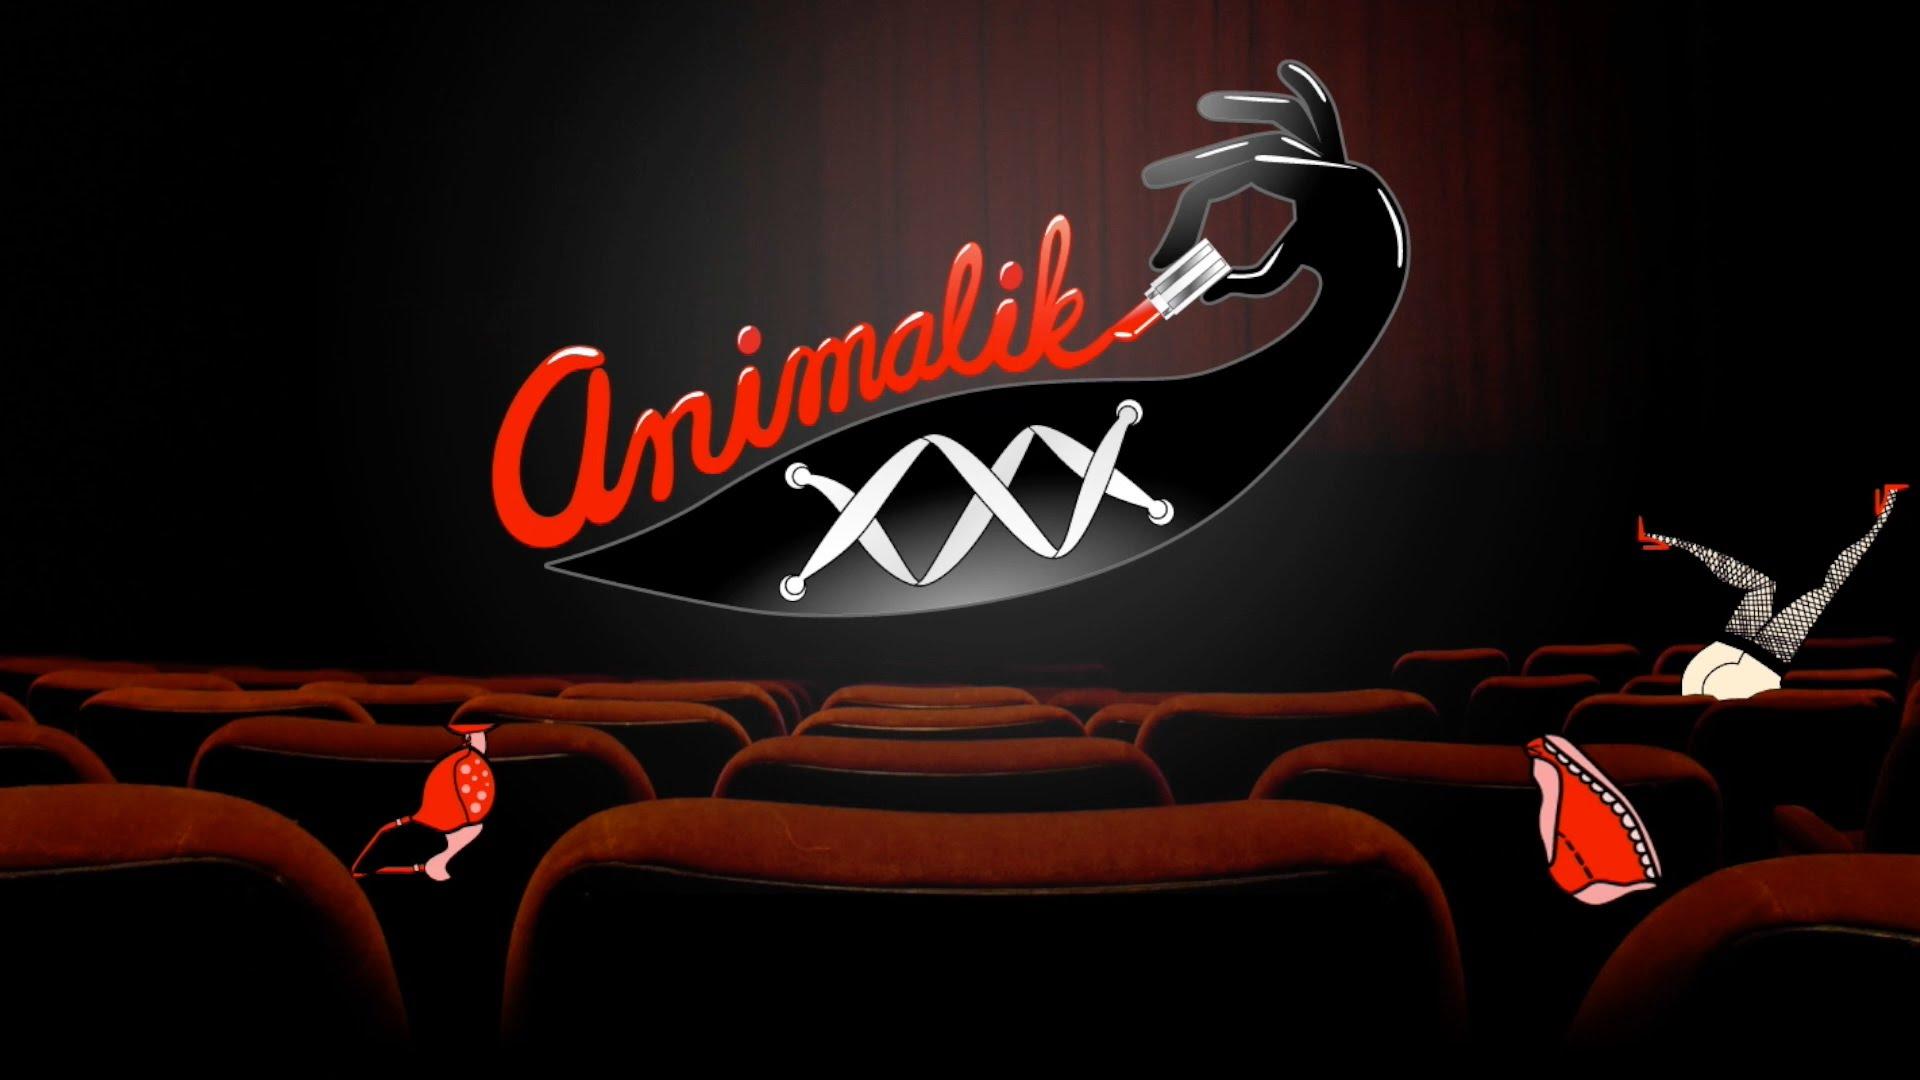 Cineteca proyectará ciclo de cine erótico musicalizado en vivo